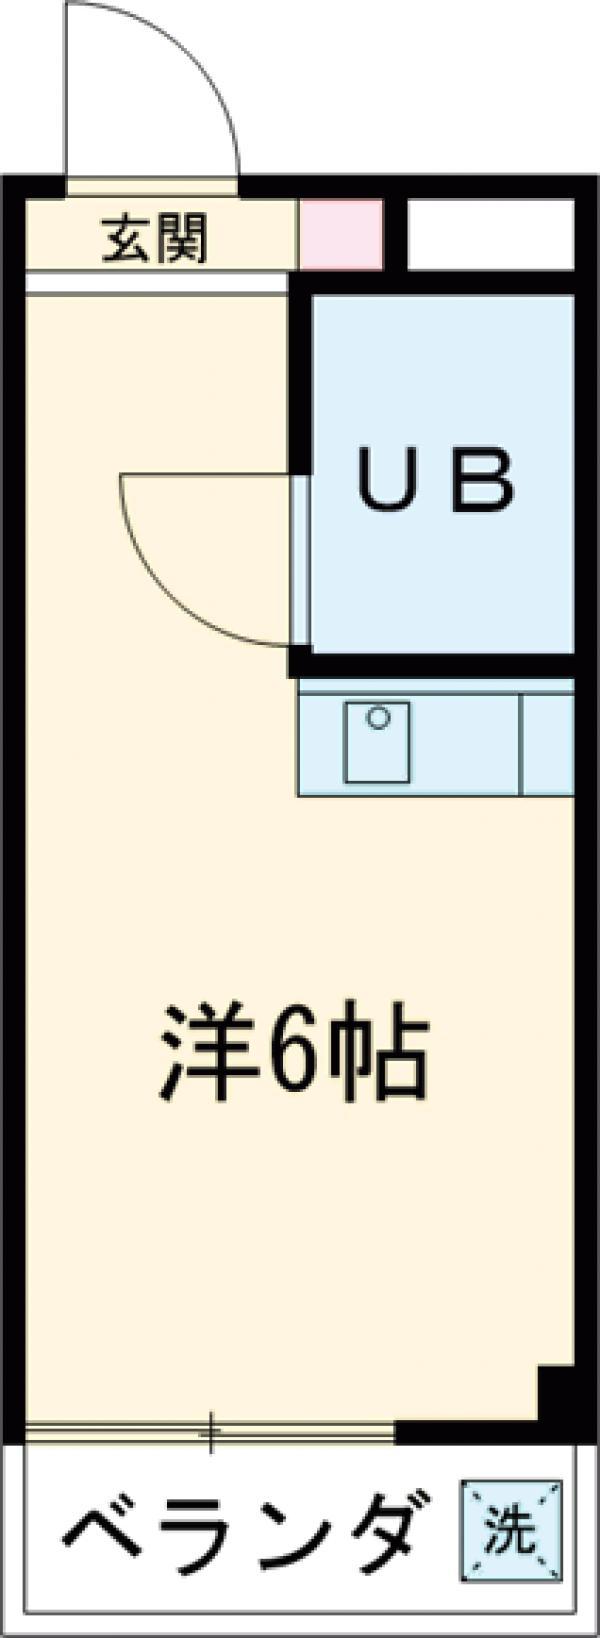 ファミーユオカダ・306号室の間取り